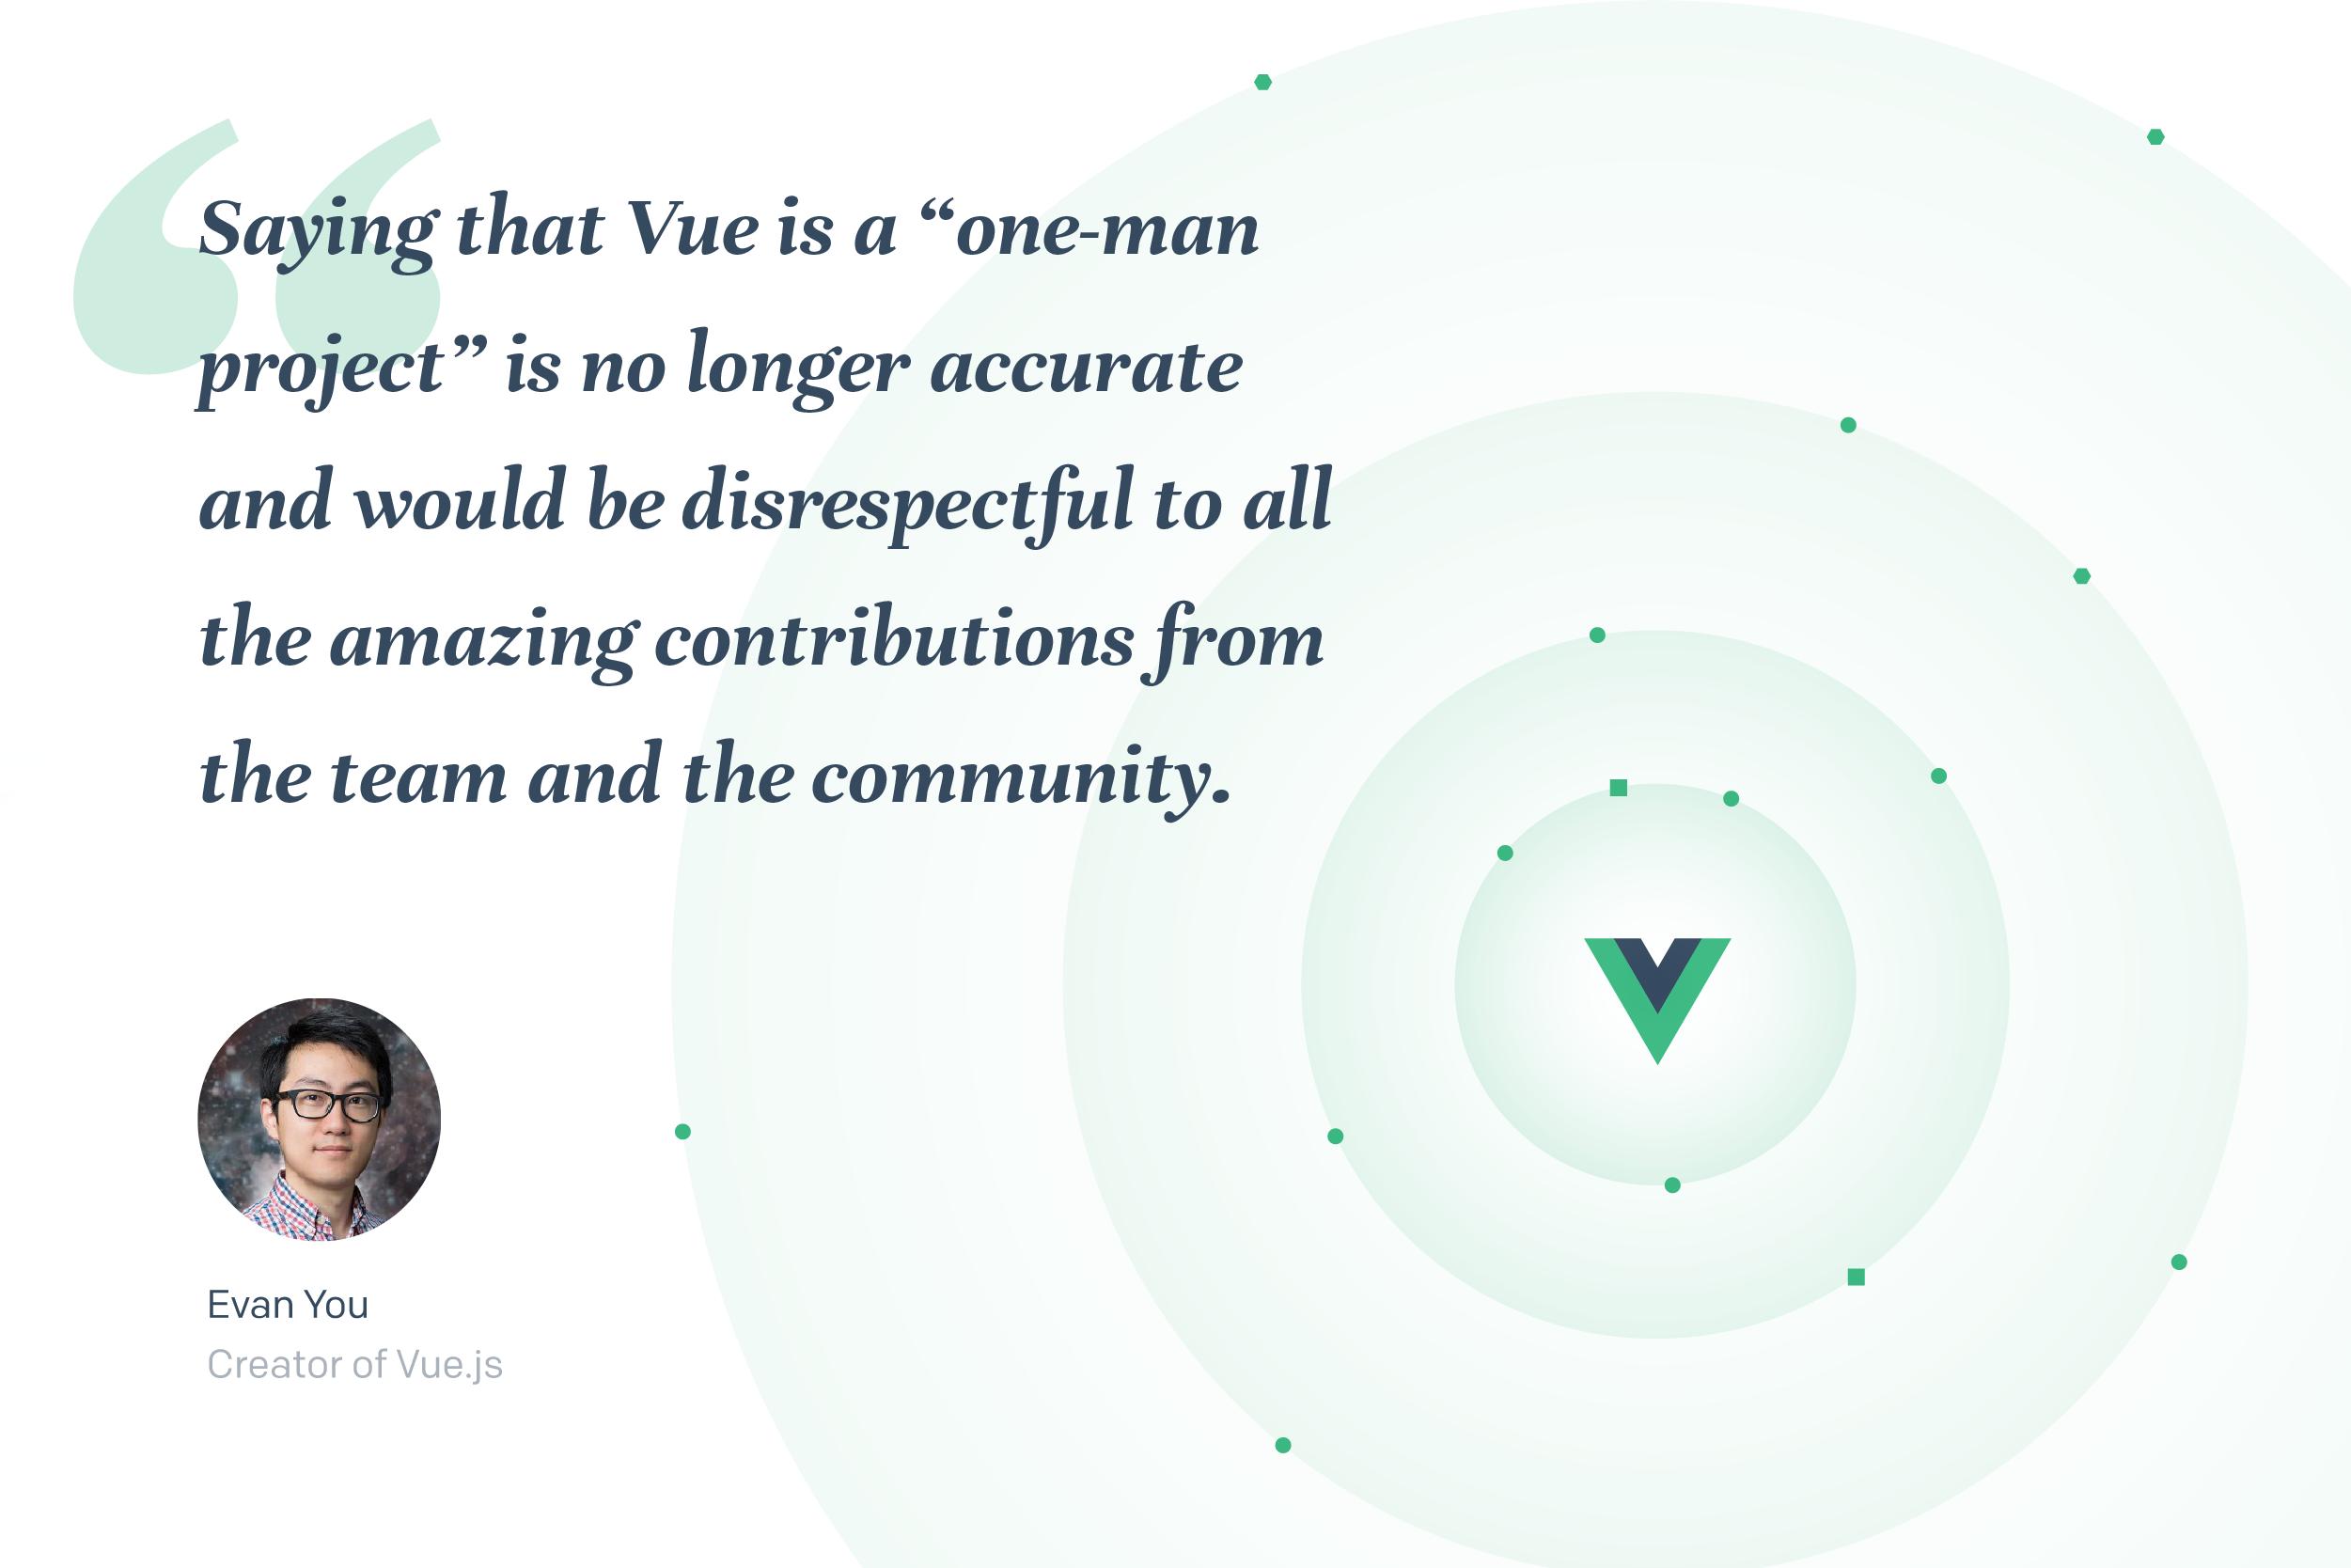 Evan You quote on Vue.js